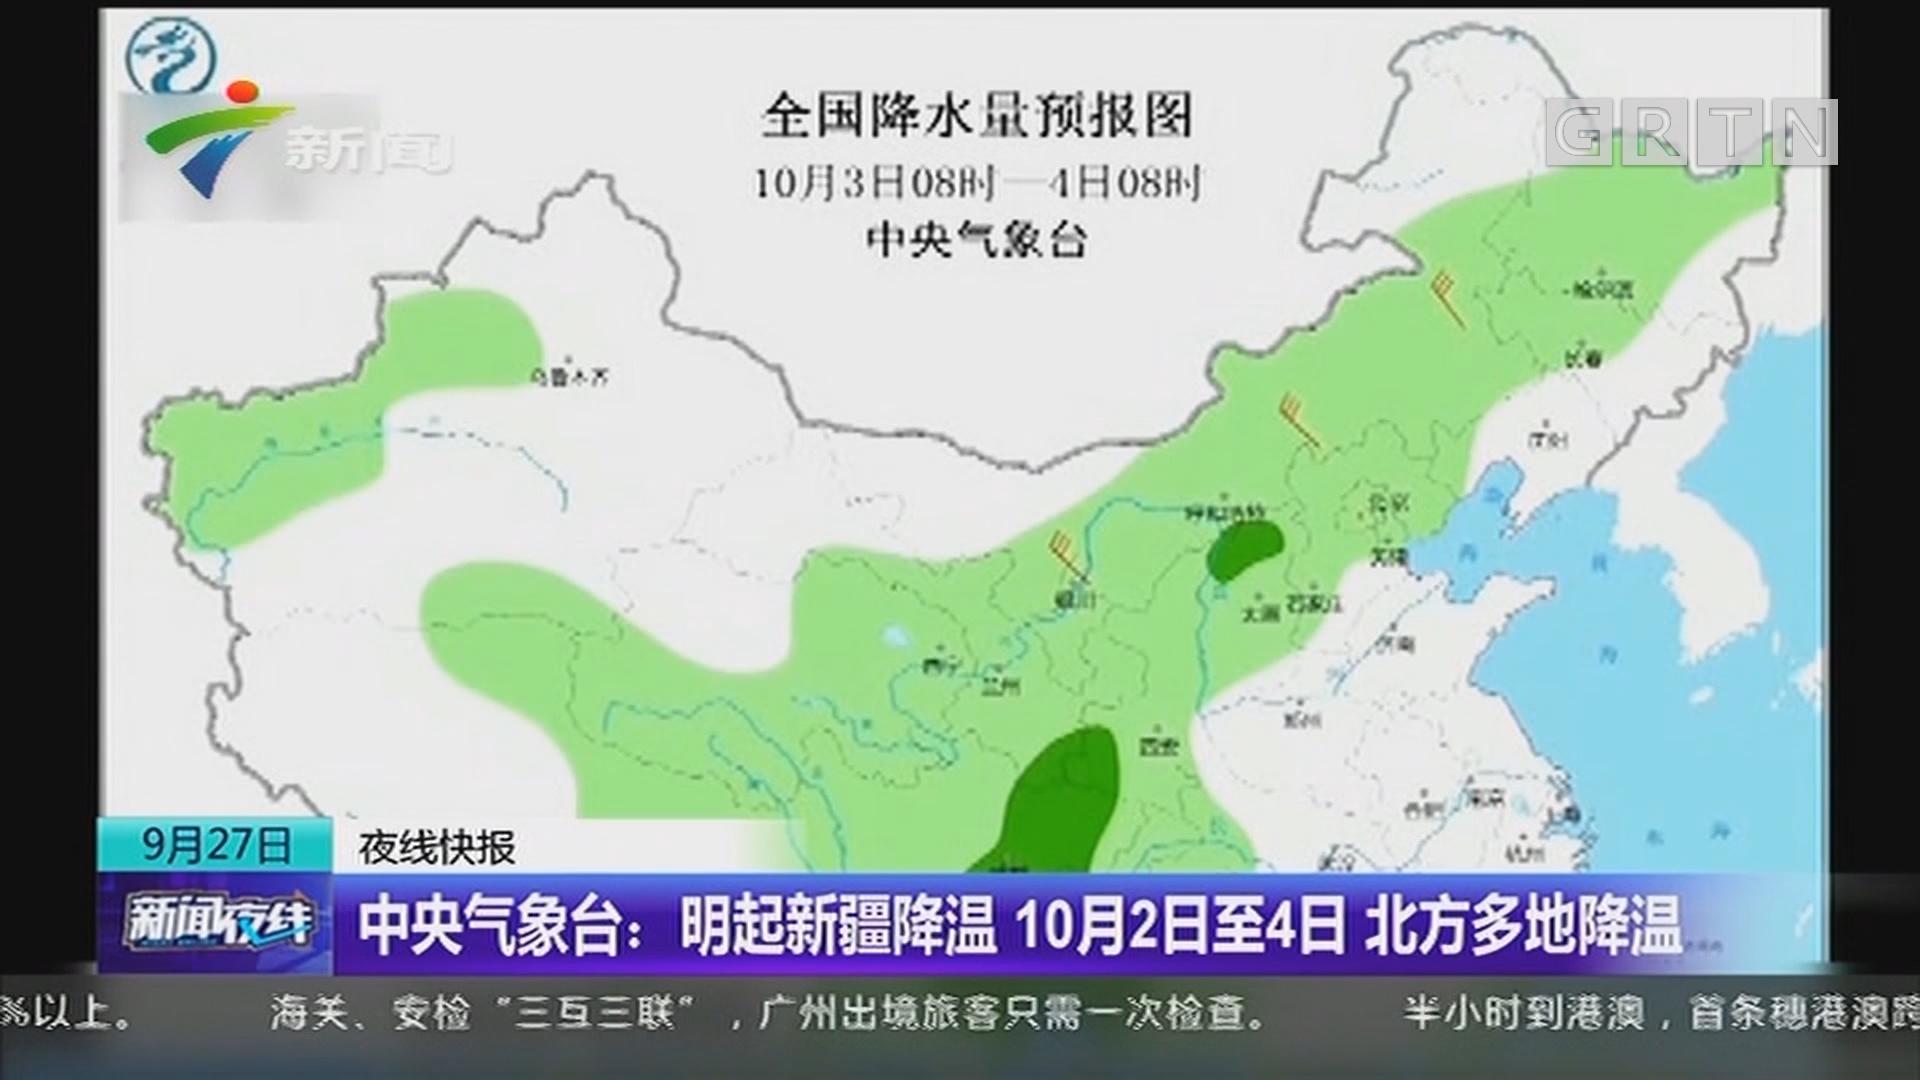 中央气象台:明起新疆降温 10月2日至4日 北方多地降温